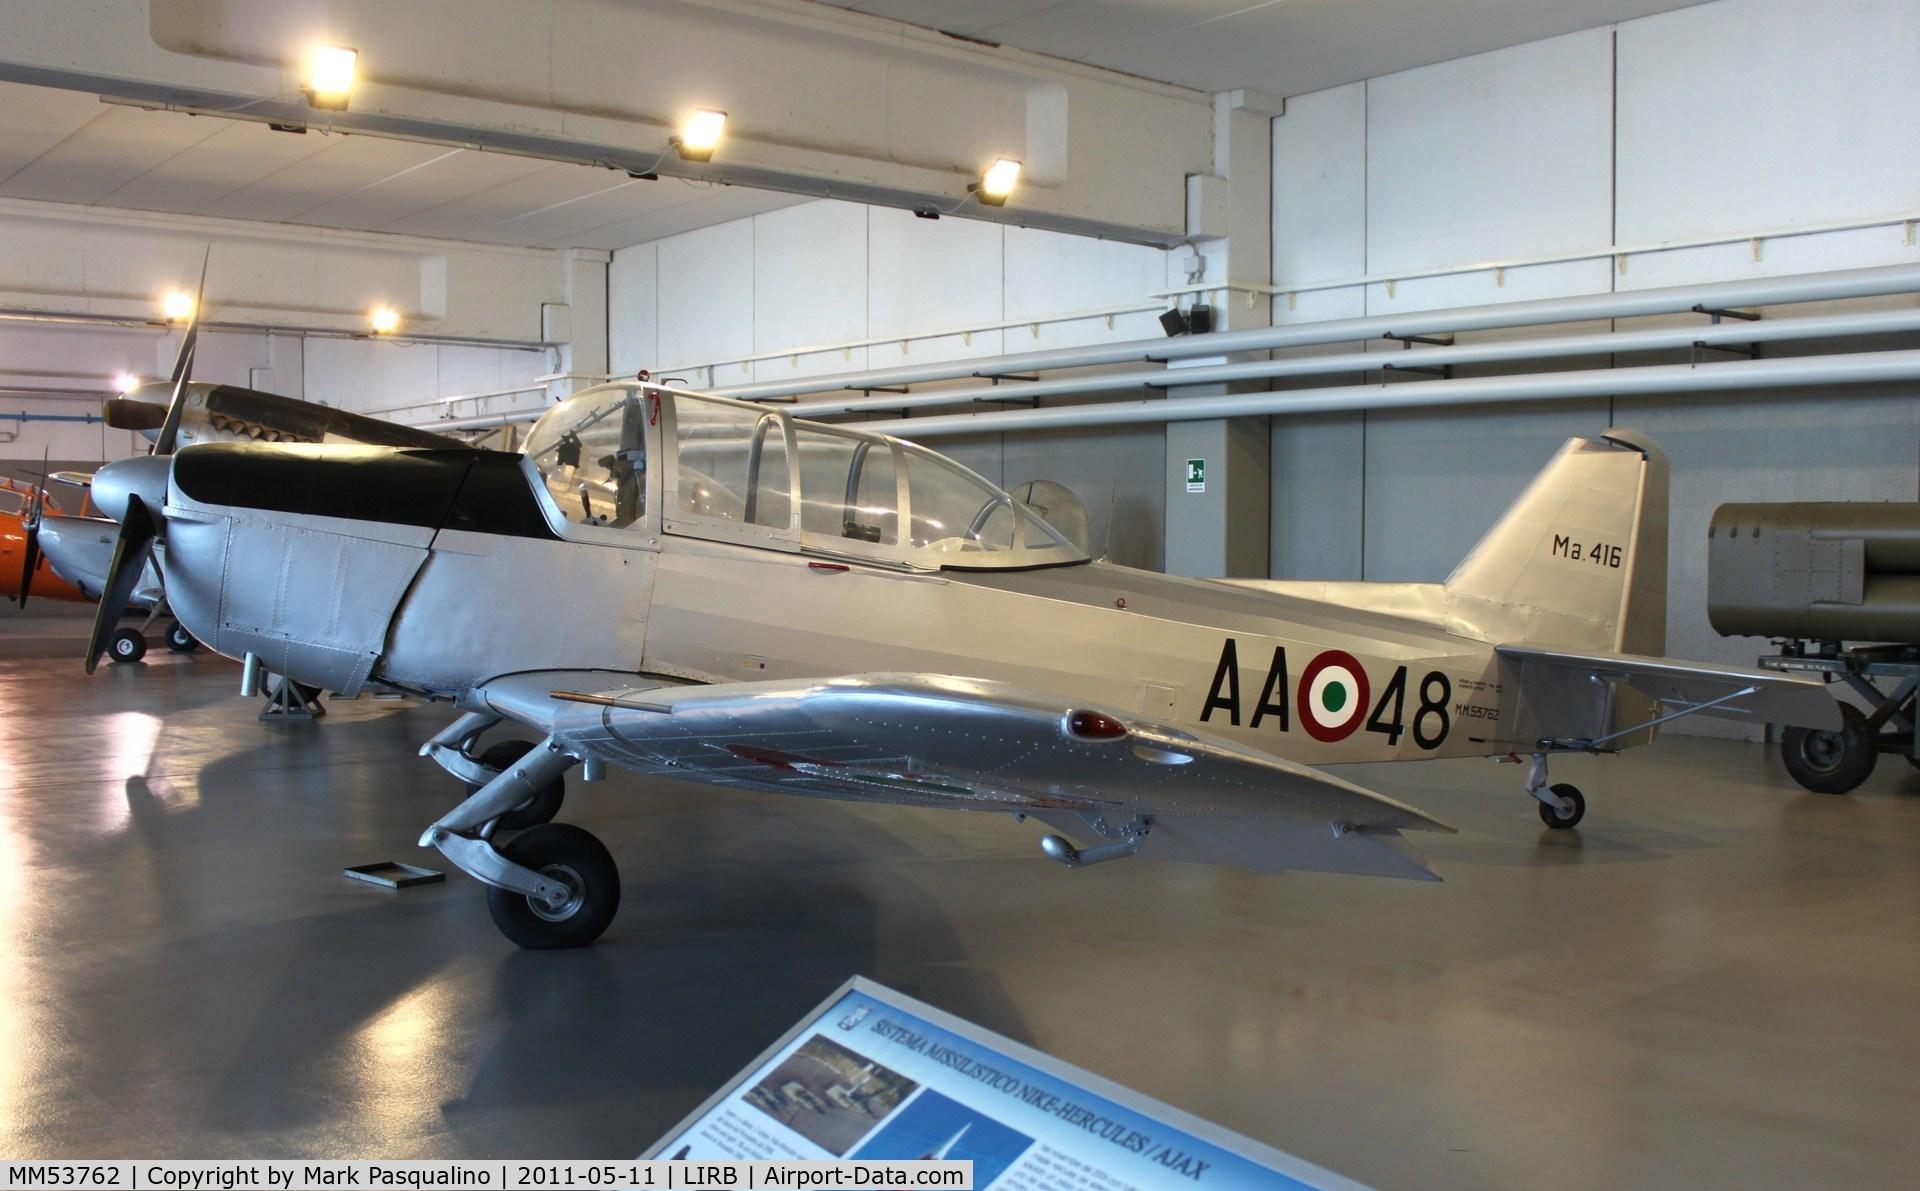 MM53762, 1950 Macchi M.416 C/N 1059, Macchi M.416